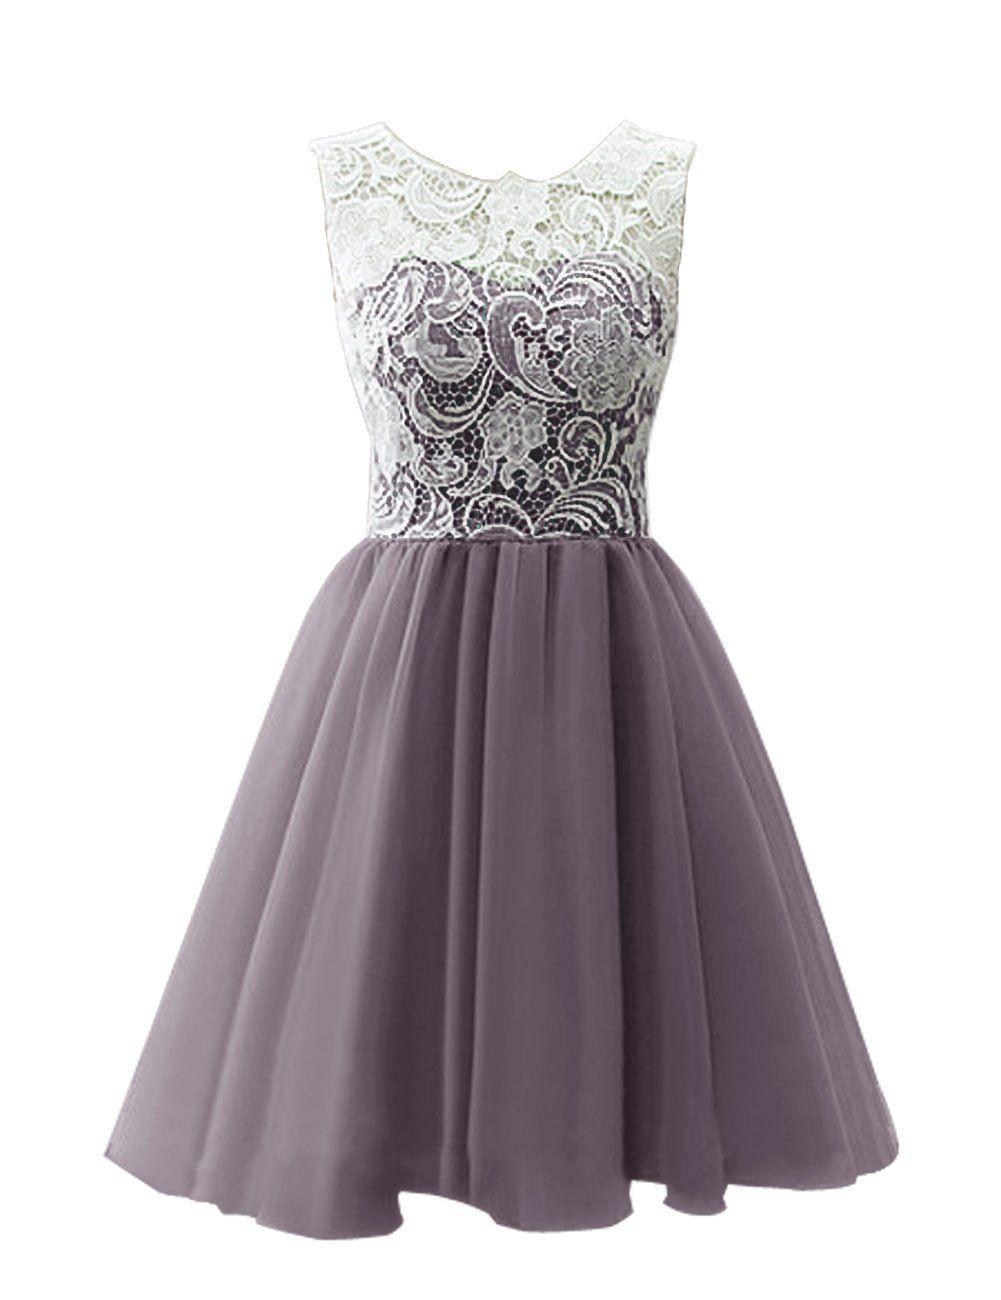 Perfekt Schöne Abendkleider Für Hochzeit ÄrmelDesigner Einzigartig Schöne Abendkleider Für Hochzeit Vertrieb